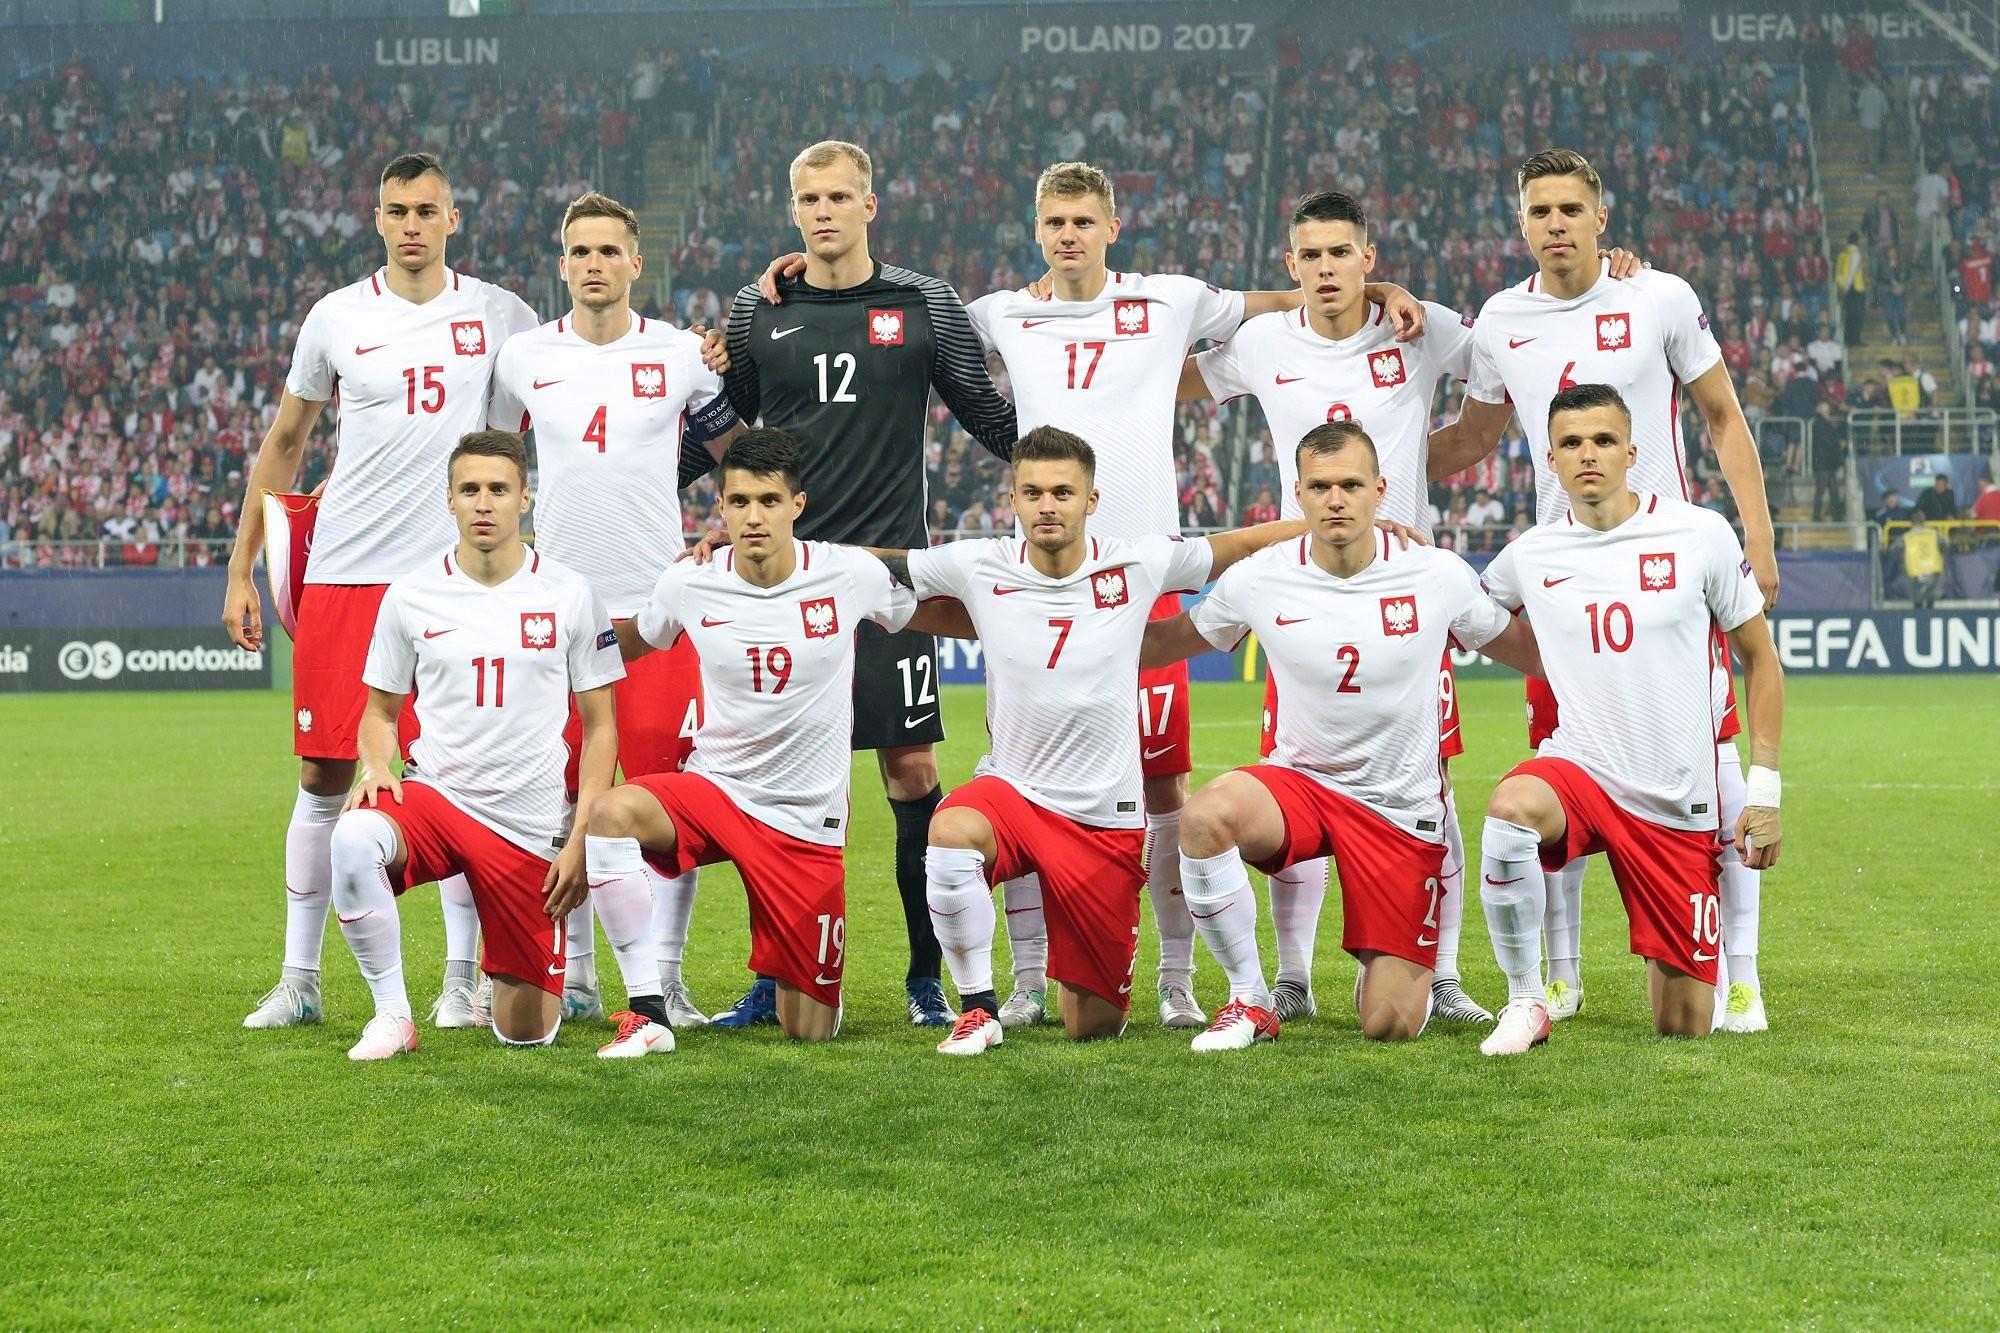 波兰U21大名单公布,五大联赛七人入选